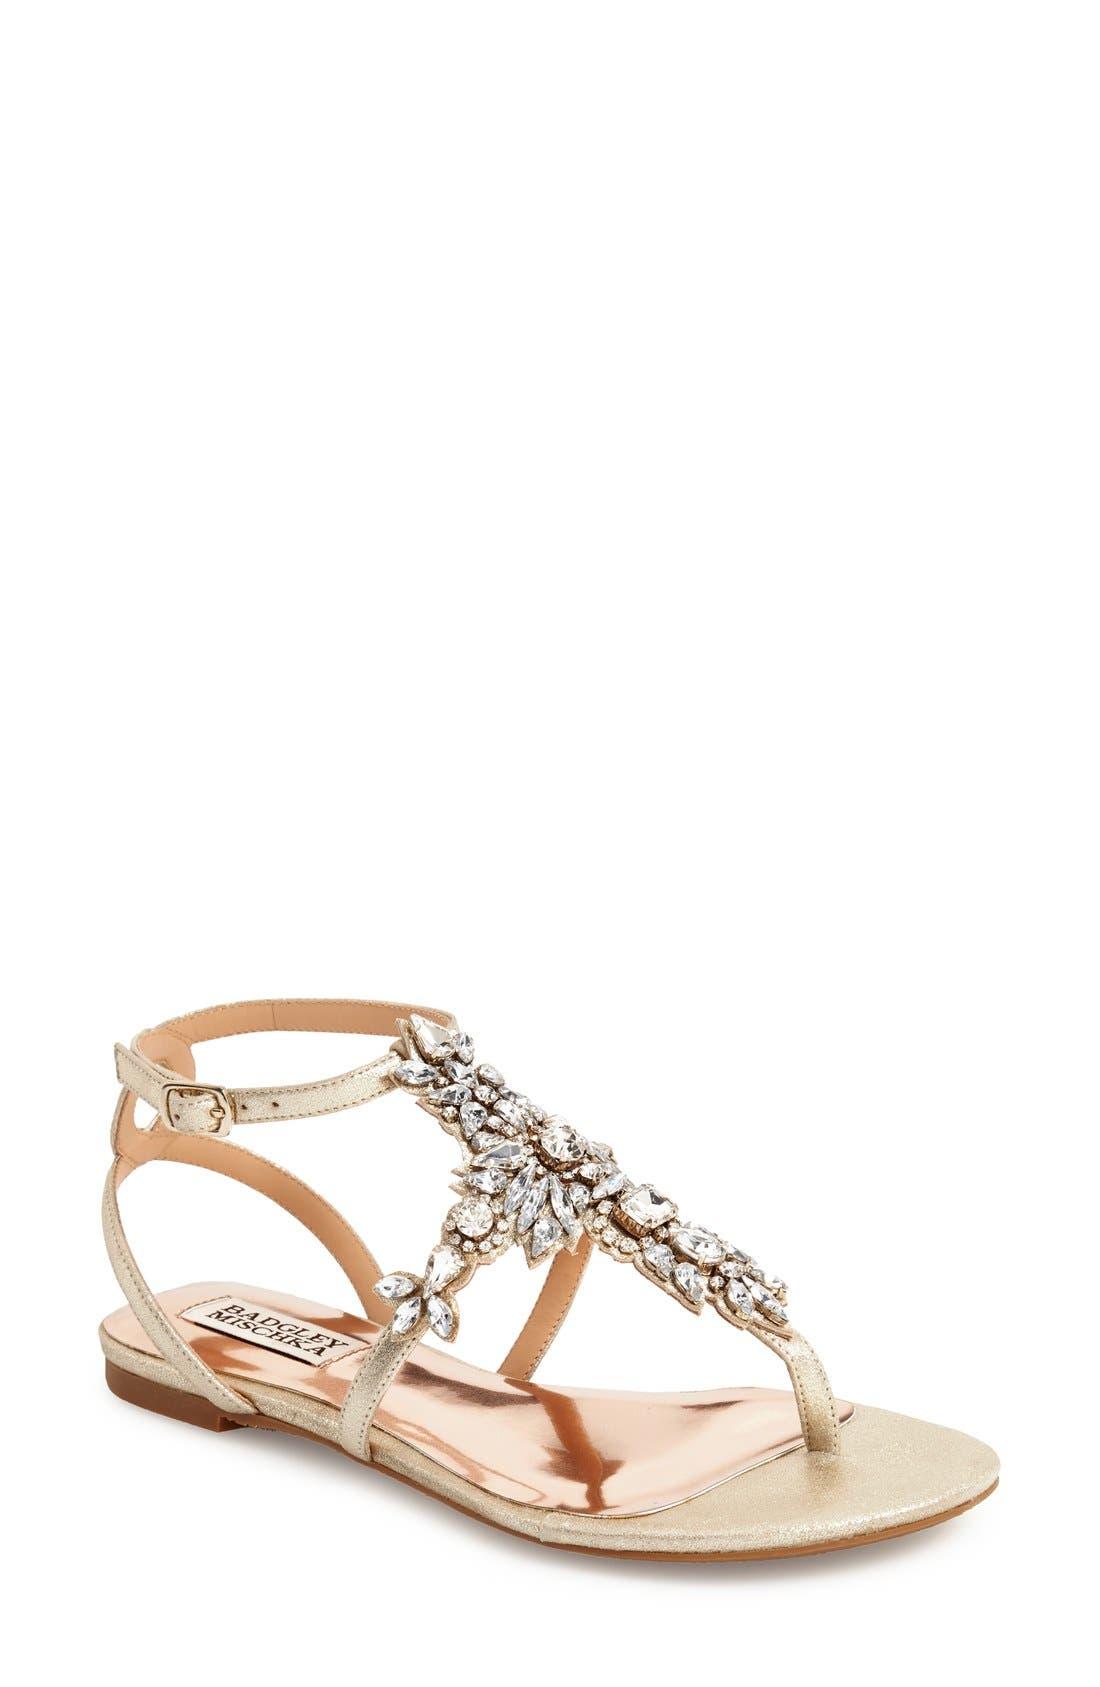 Badgley Mischka 'Cara' Crystal Embellished Flat Sandal, Main, color, 710